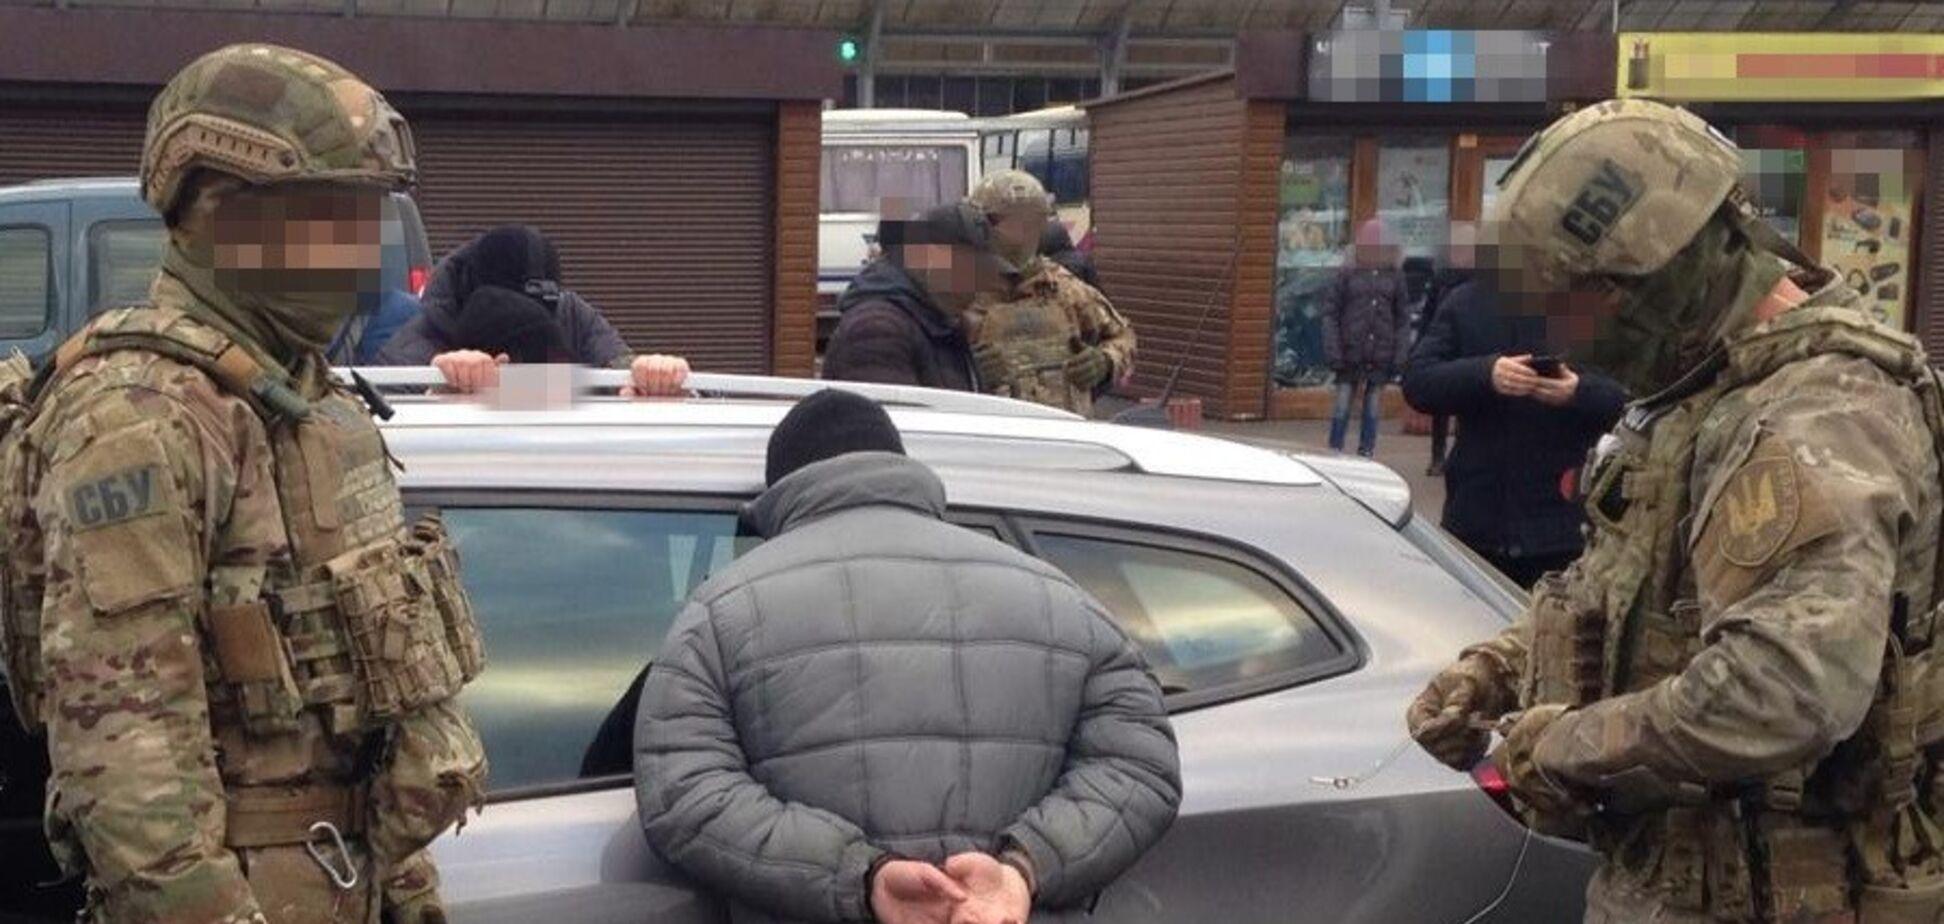 Хотели продать 56 кг ртути: в Ривне задержали банду во главе с экс-сотрудником прокуратуры